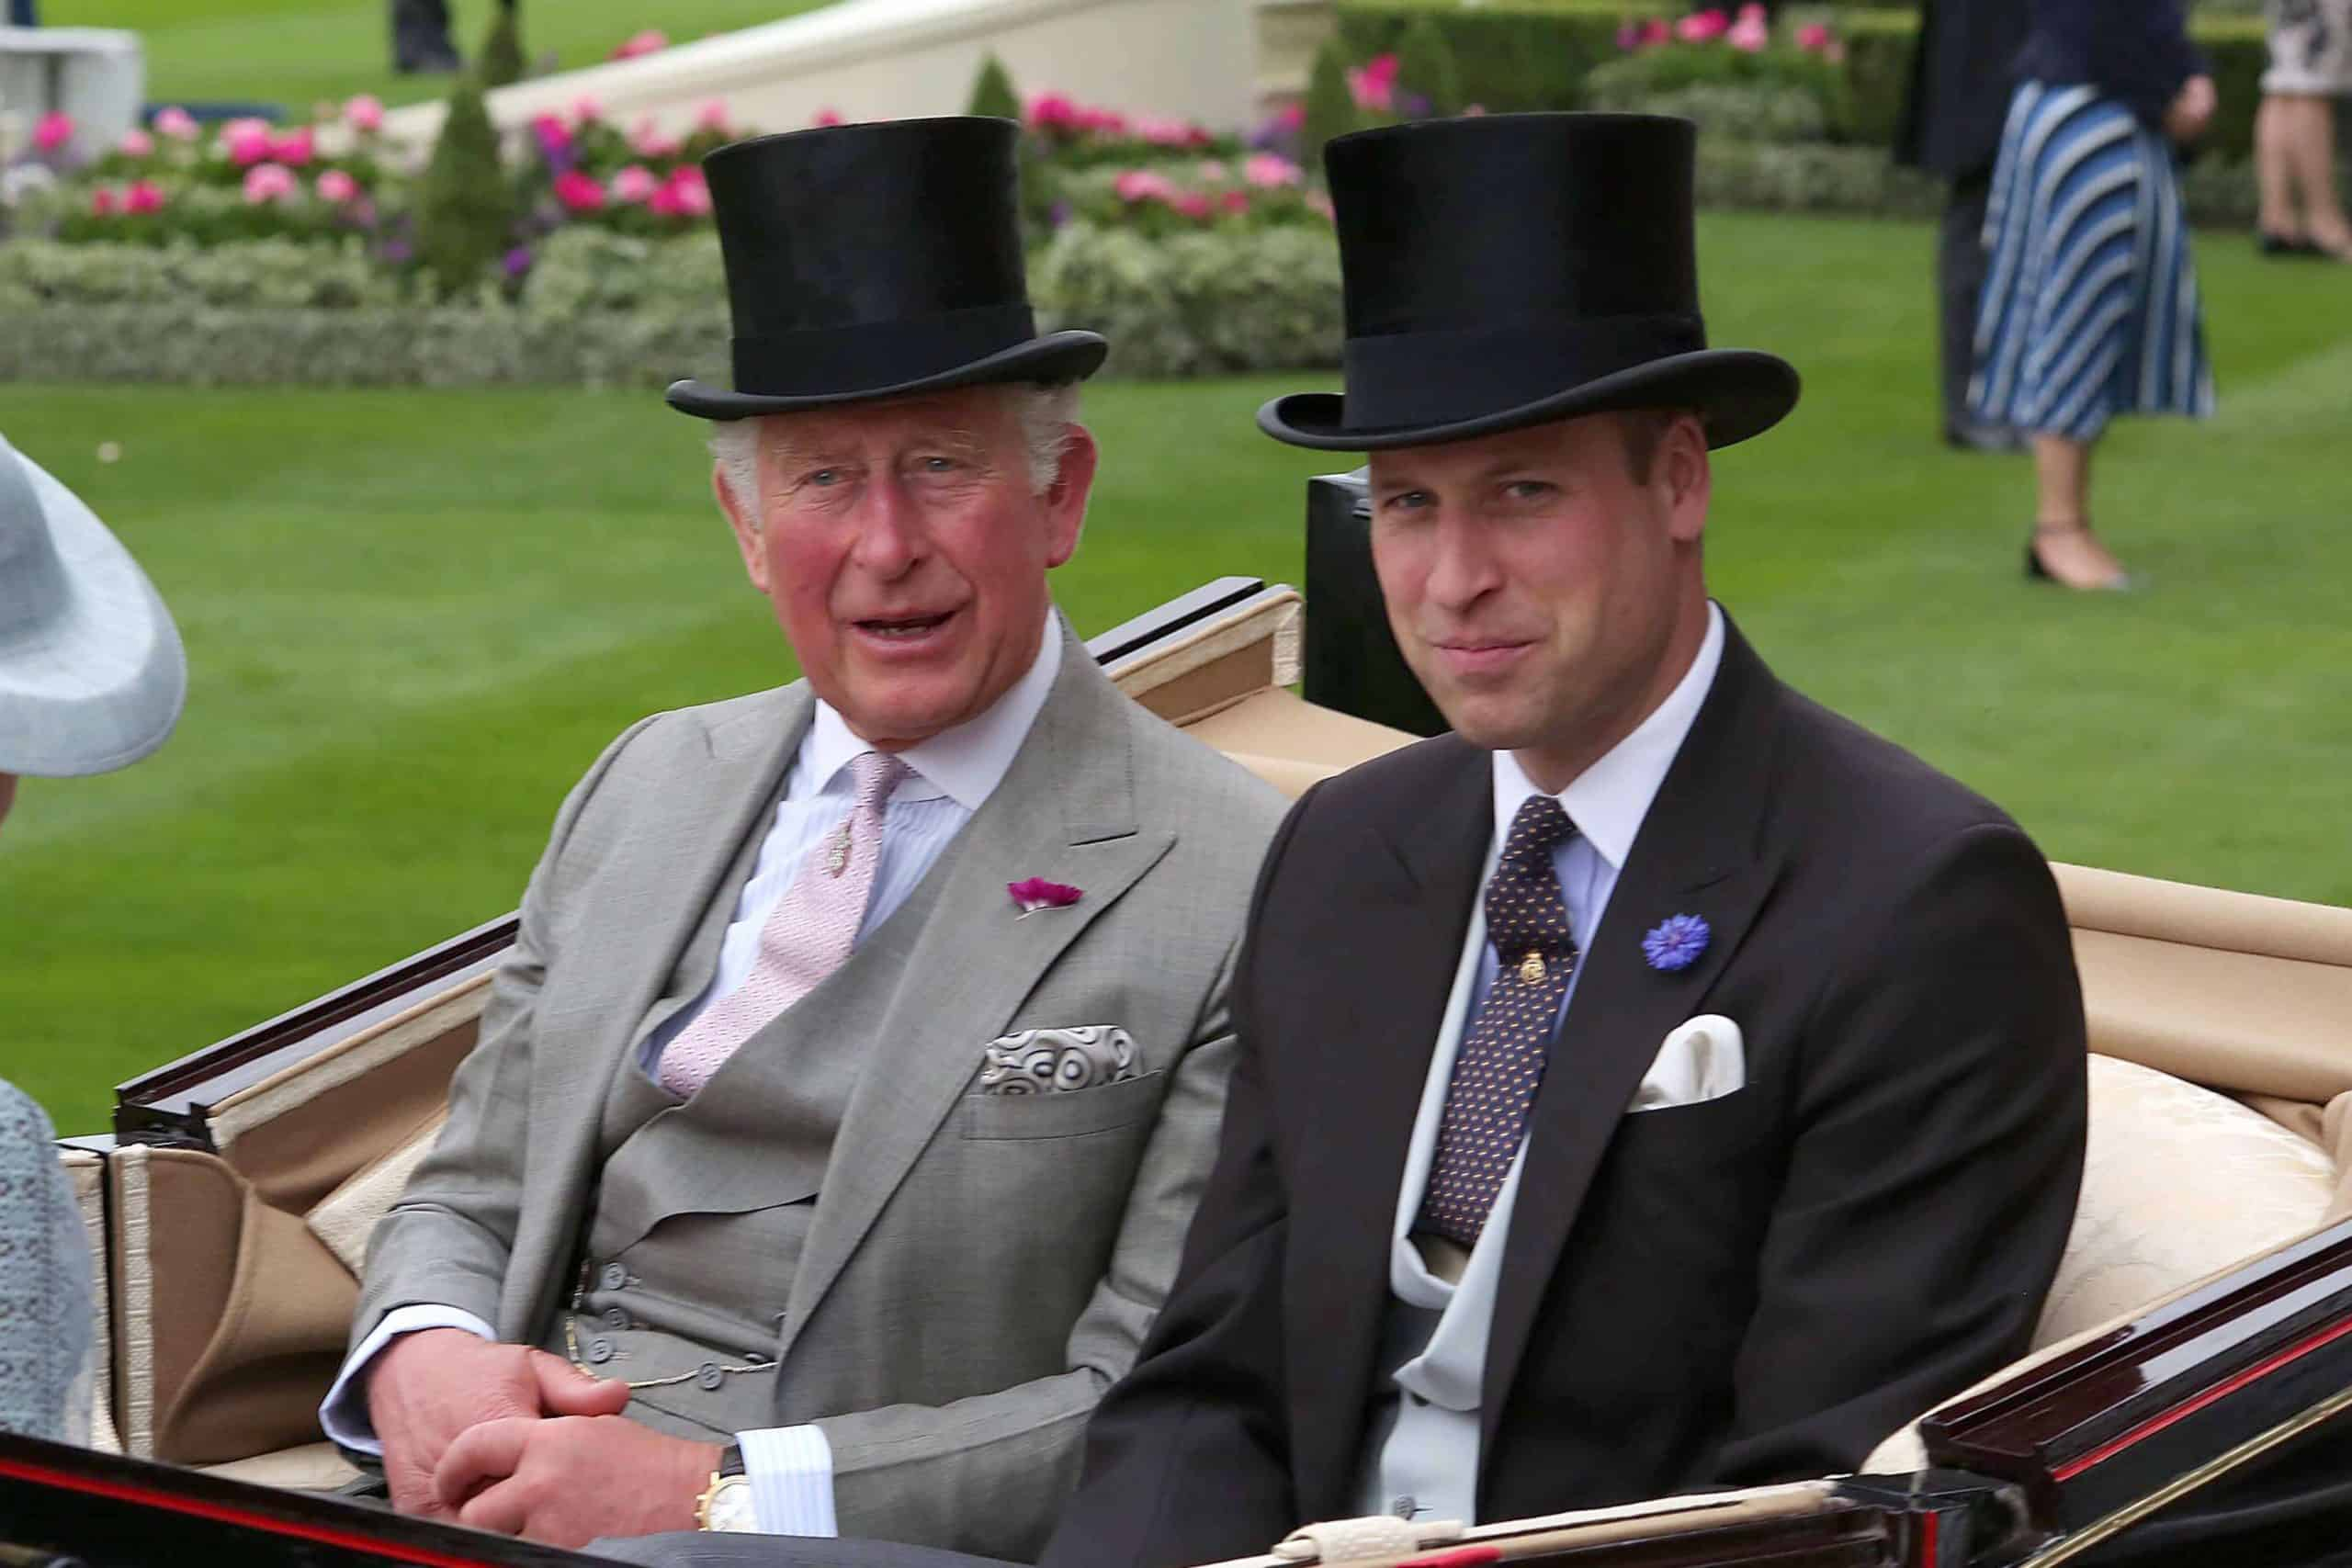 Prinz William als nächster König? Damit überrascht er